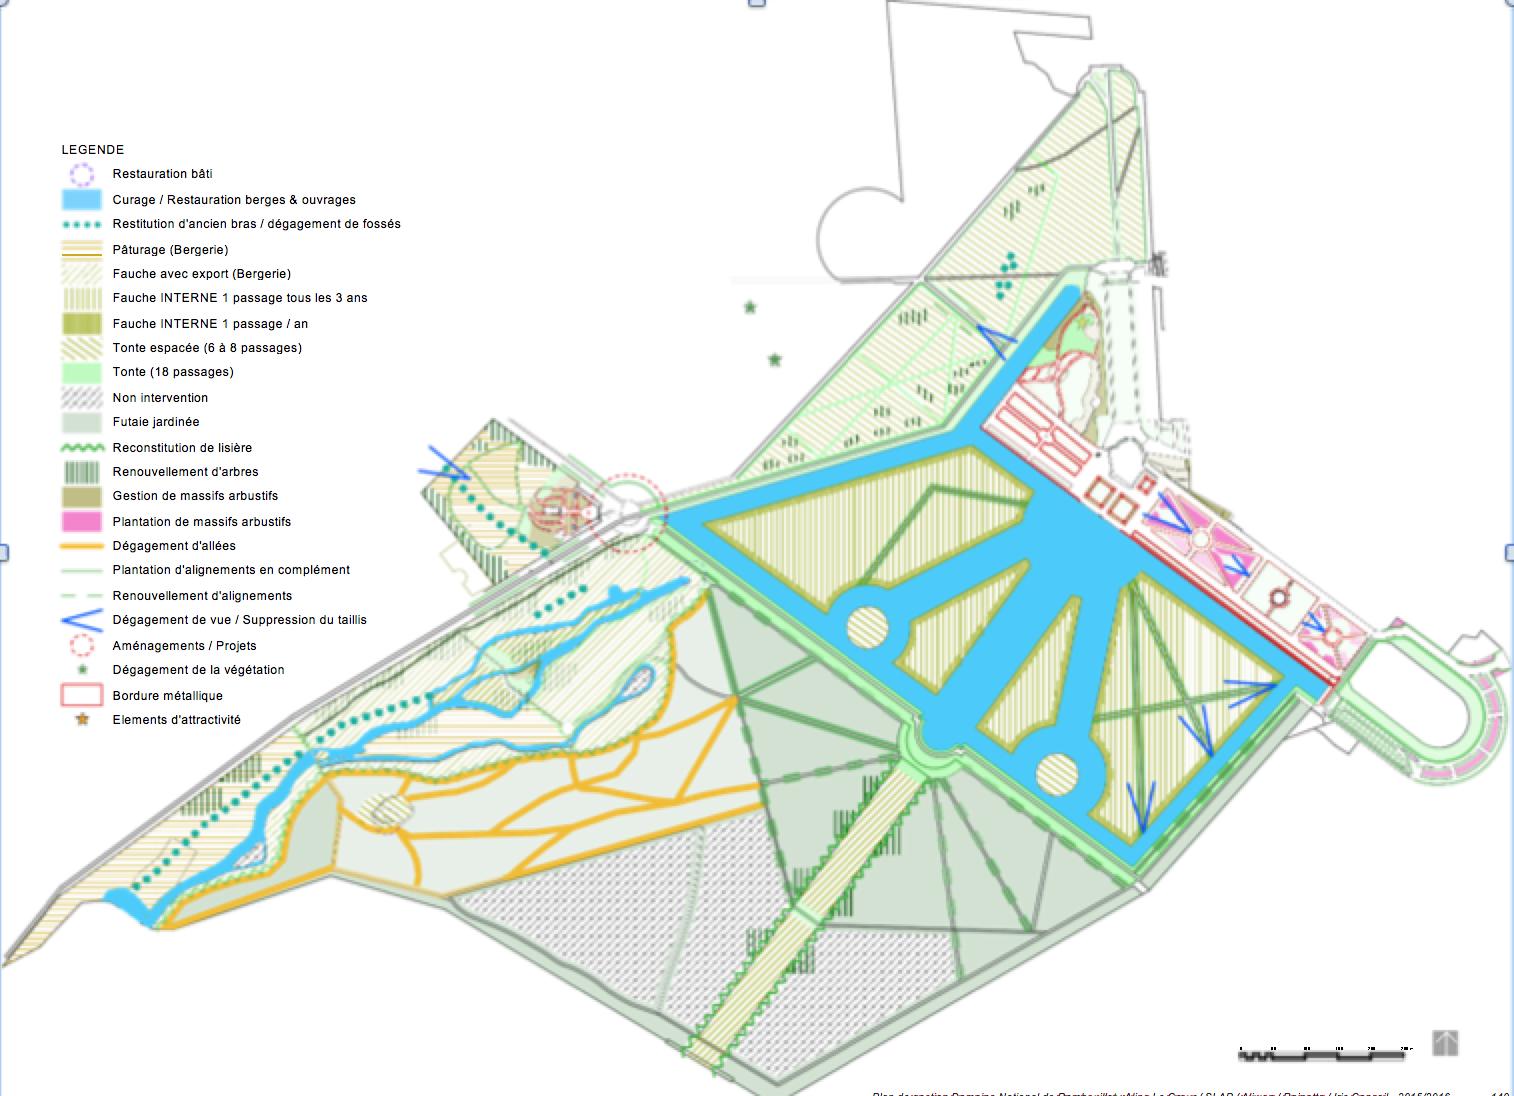 Plan de gestion Domaine National de Rambouillet : Aline Le Cœur / SLAP / Aliwen / Rainette / Iris Conseil - 2015/2016